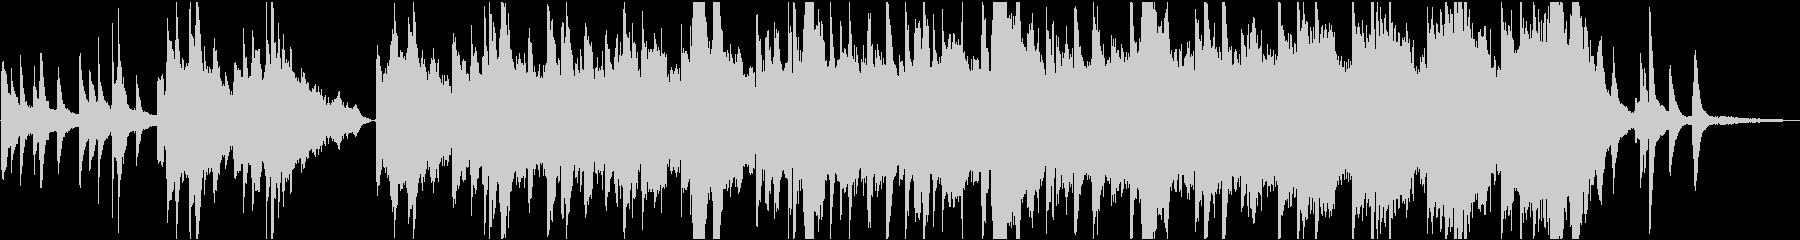 企業VP7 16bit48kHzVerの未再生の波形